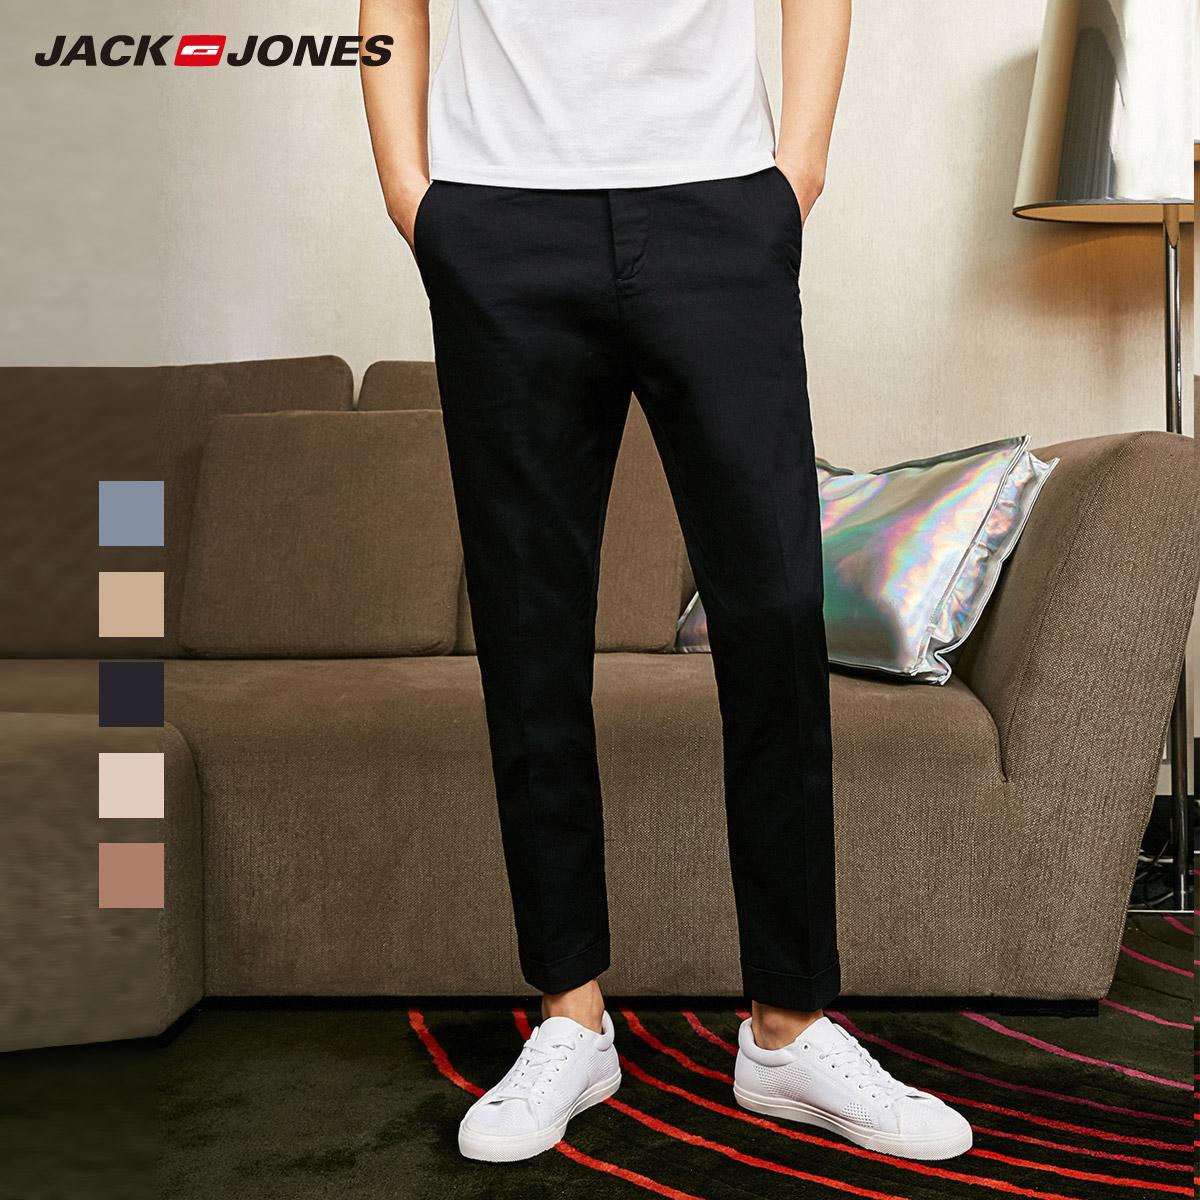 JackJones джек агат этот мужской новая весна и лето модель хлопок твердый бизнес американский случайный цветные брюки девять очков